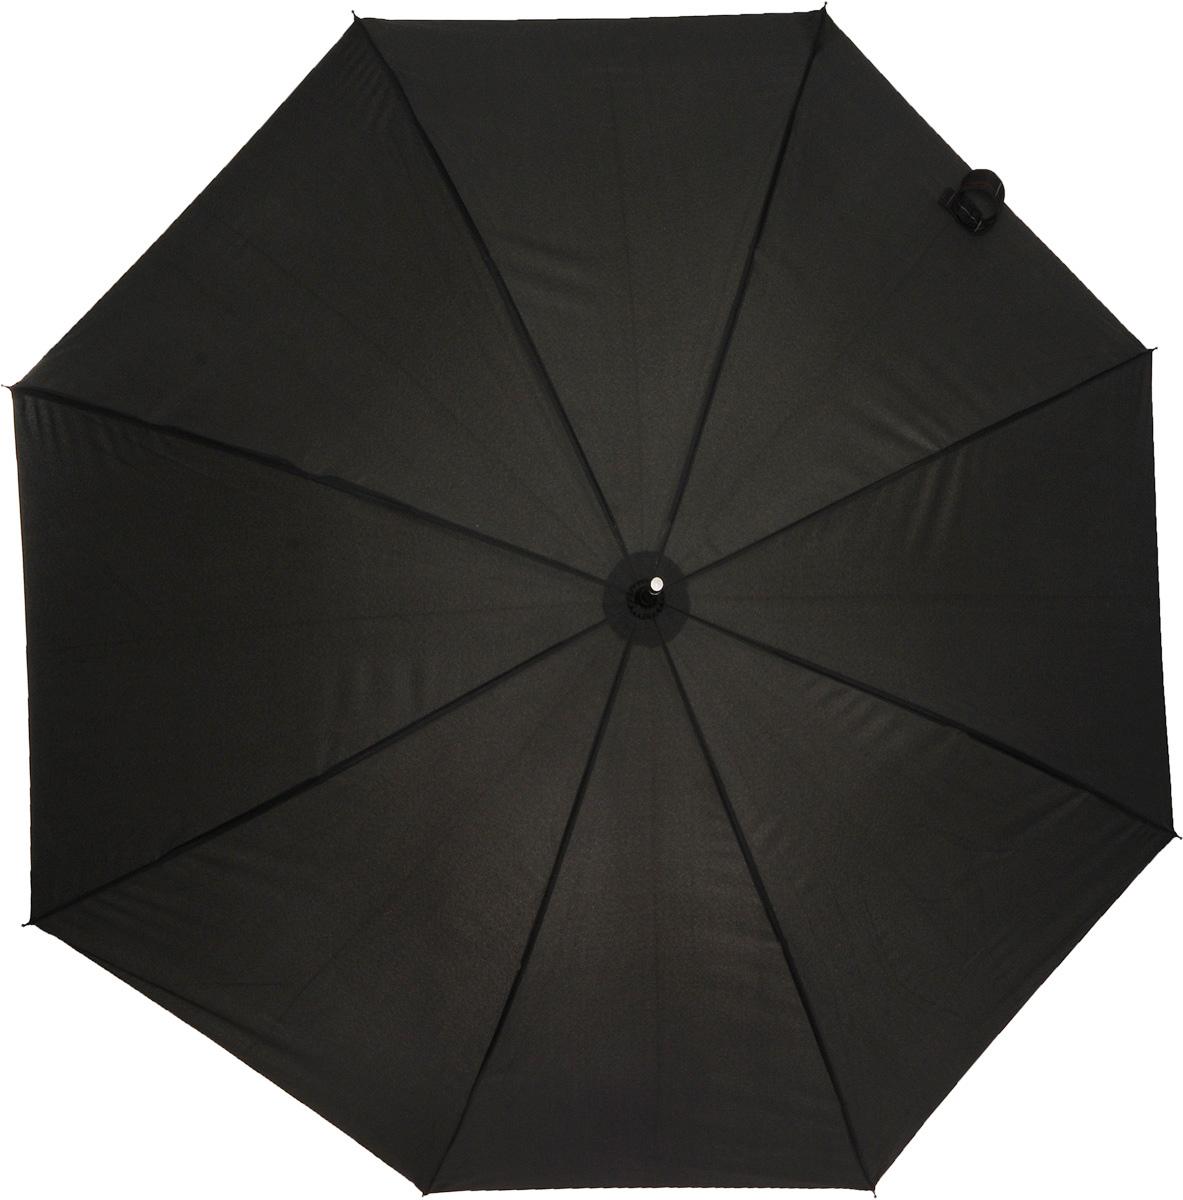 C-Collection 134 Зонт трость авт.муж.REM12-CAM-GREENBLACKЗонт испанского производителя Clima. В производстве зонтов используются современные материалы, что делает зонты легкими, но в то же время крепкими. Трость автомат, 8 спиц по 68см, полиэстер.